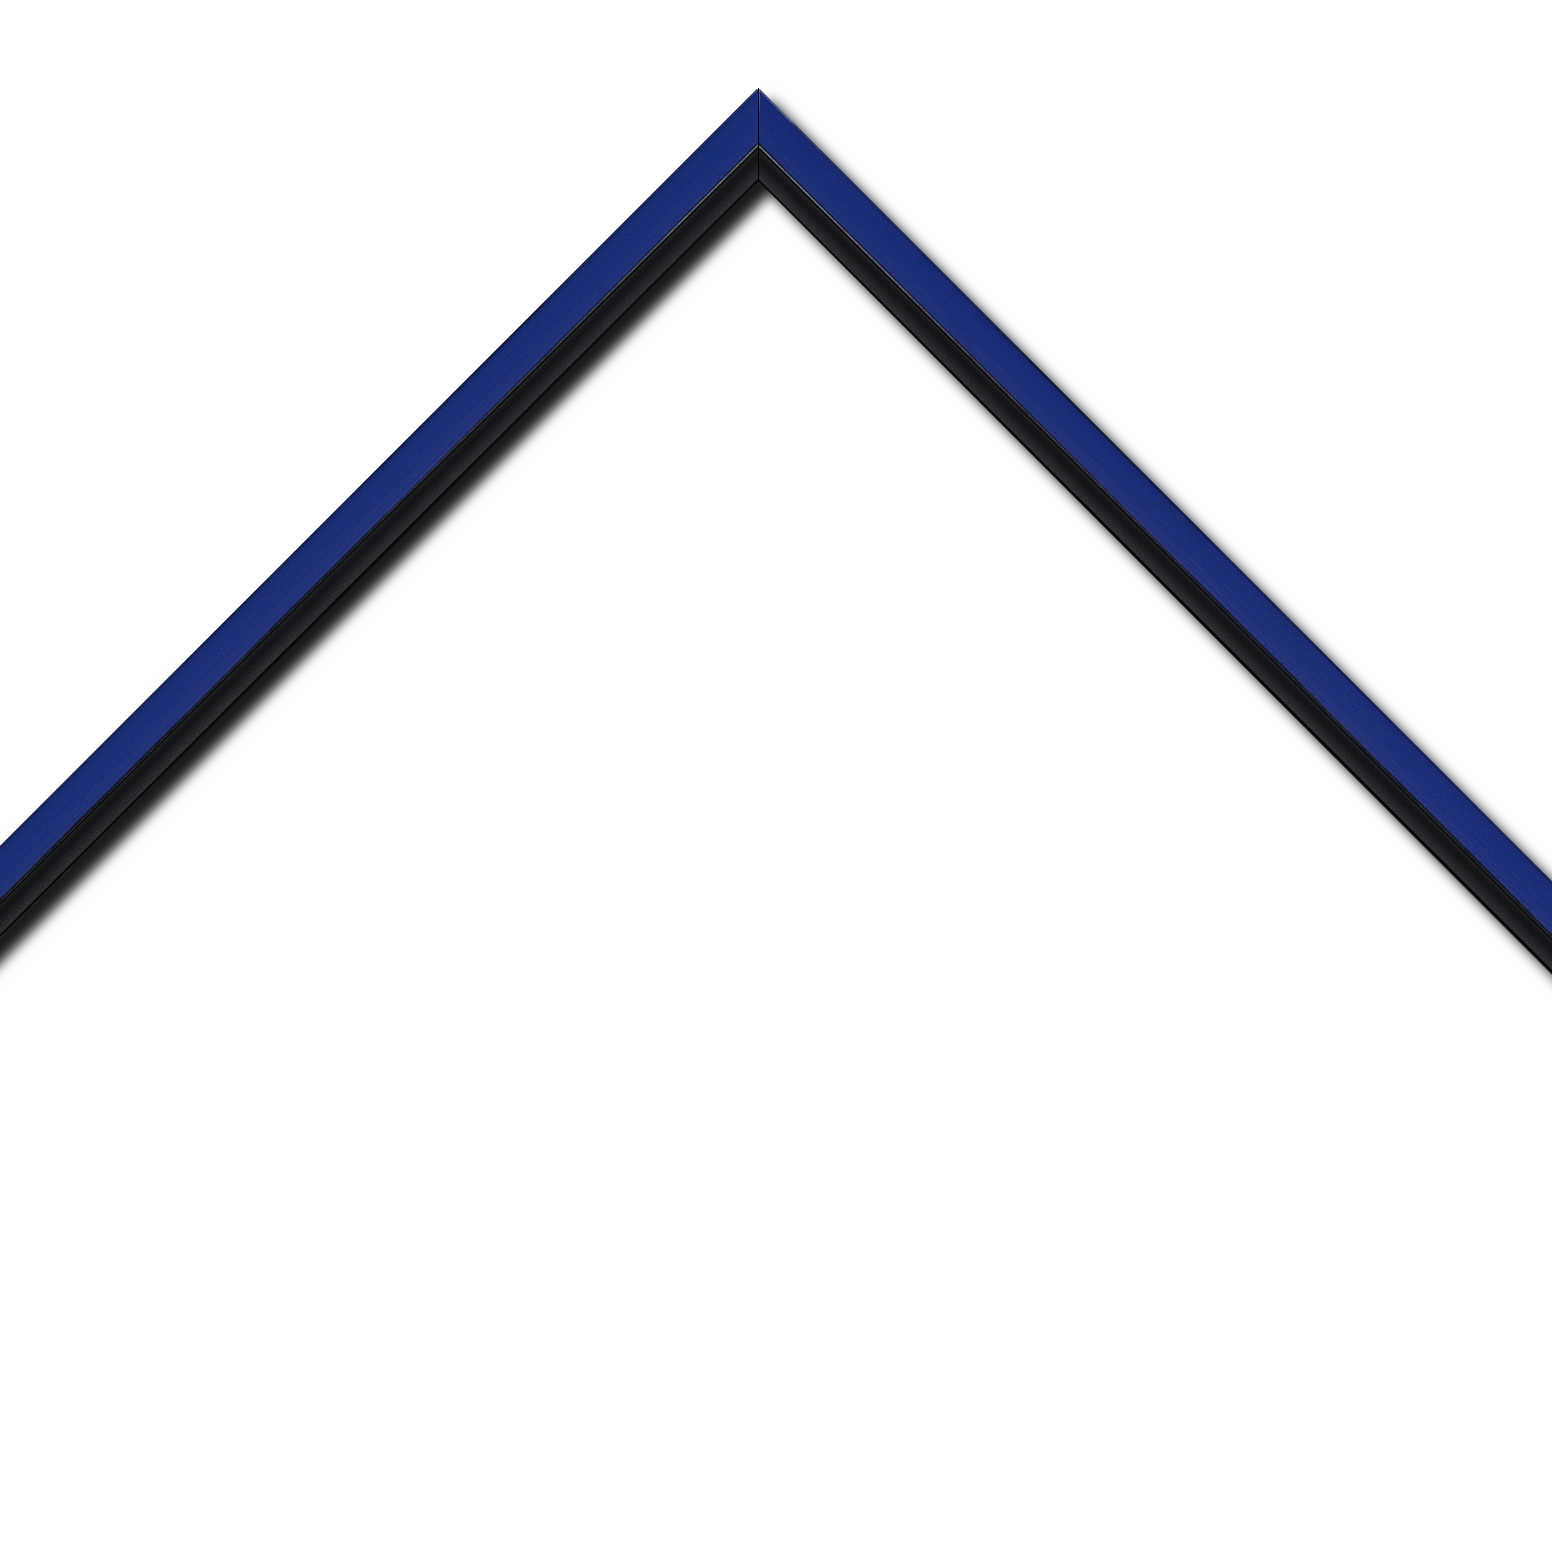 Baguette bois profil plat largeur 1.6cm couleur bleu franc filet noir en retrait de la face du cadre de 6mm assurant un effet très original